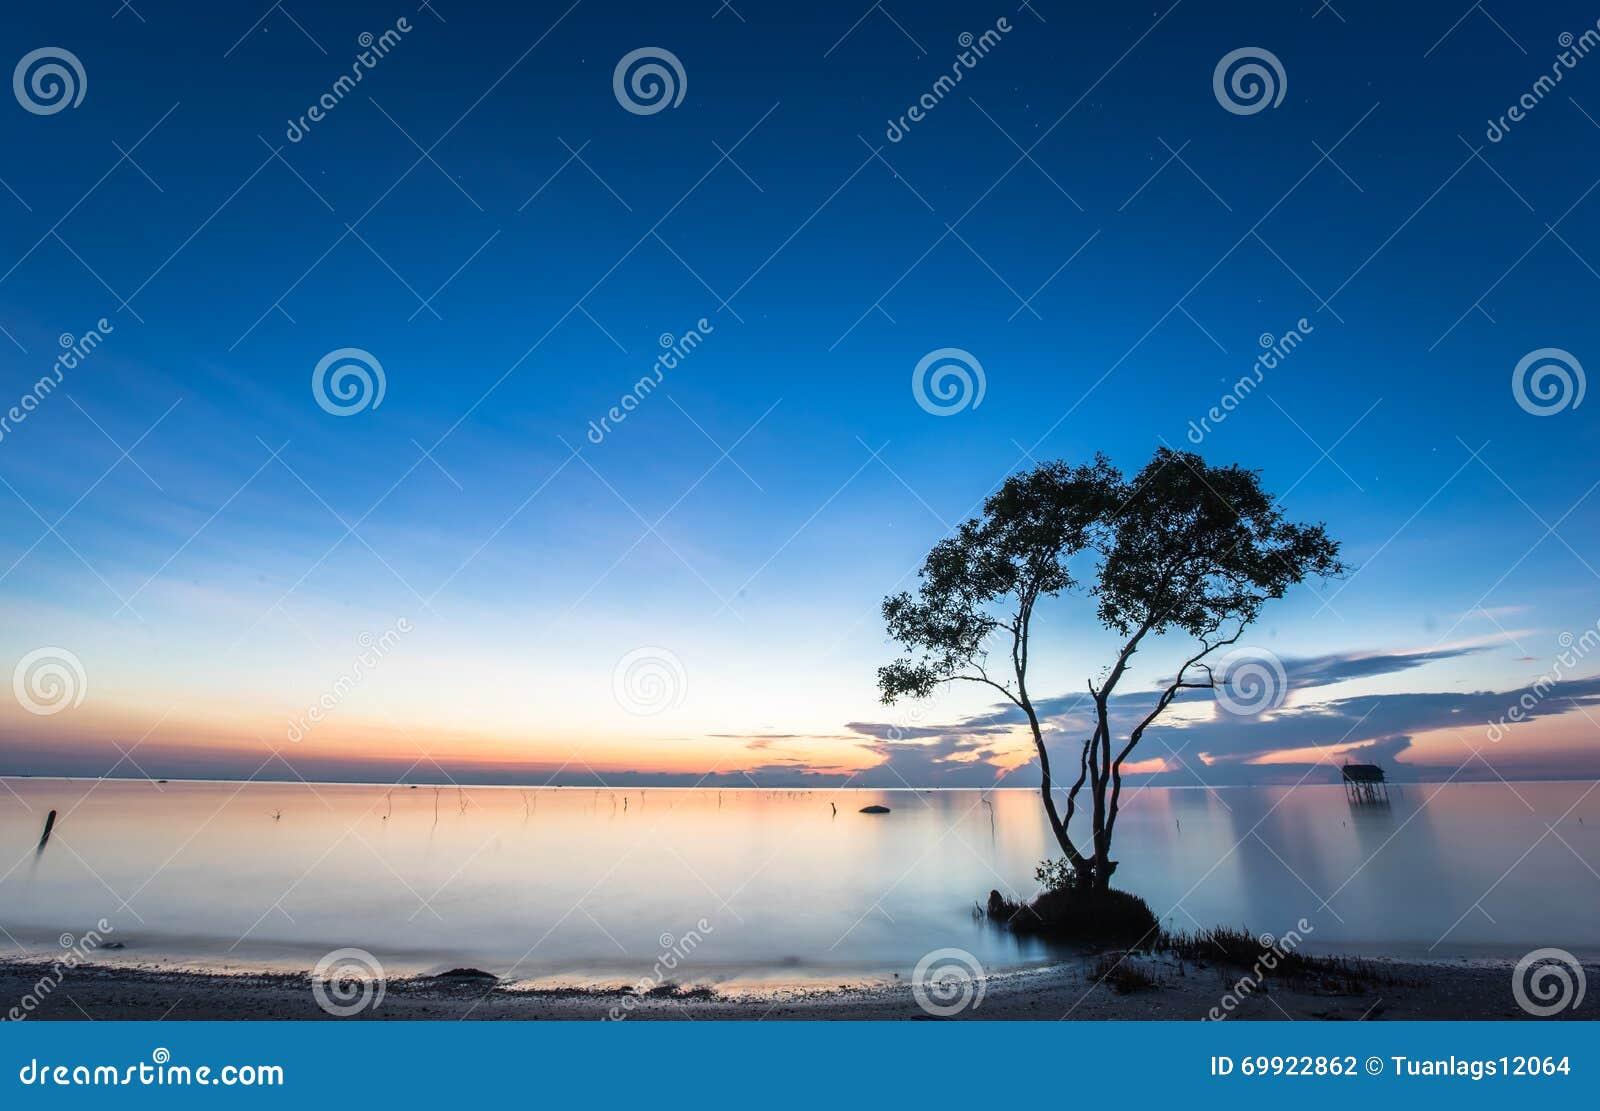 La mañana hermosa ajardina con el cielo azul en la playa